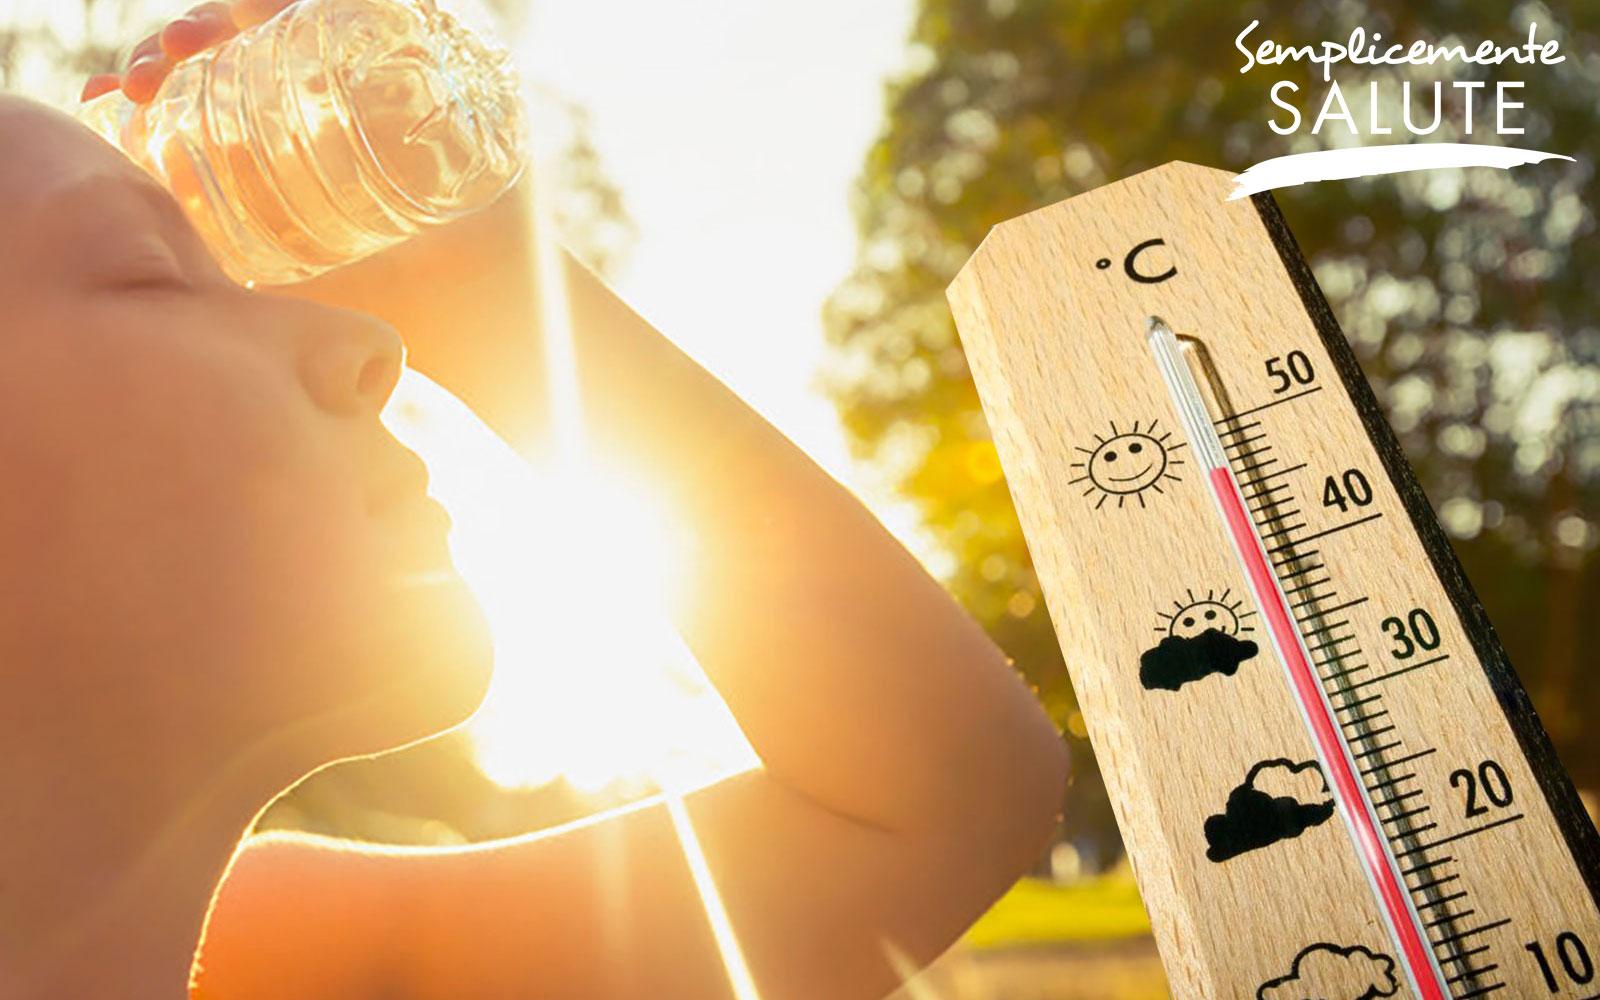 Caldo record come sopravvivere d estate in citta